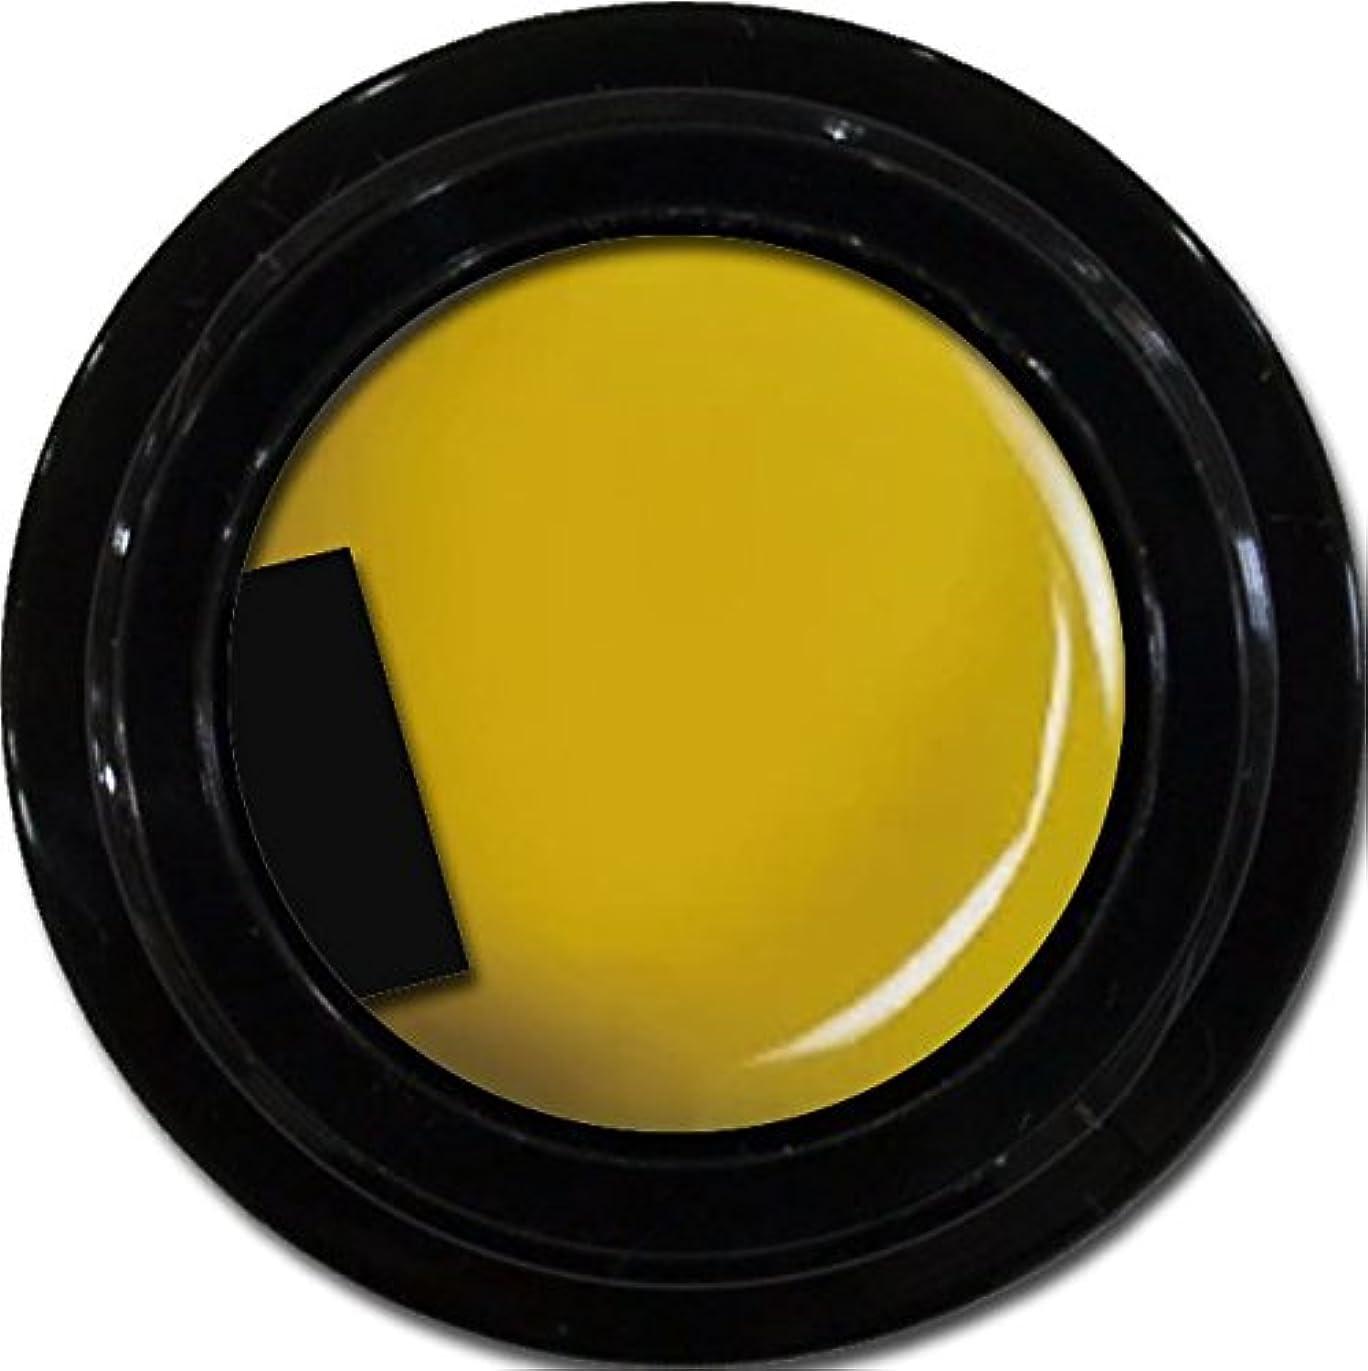 二度重さ赤面カラージェル enchant color gel M604 Mustard 3g/ マットカラージェル M604 マスタード 3グラム